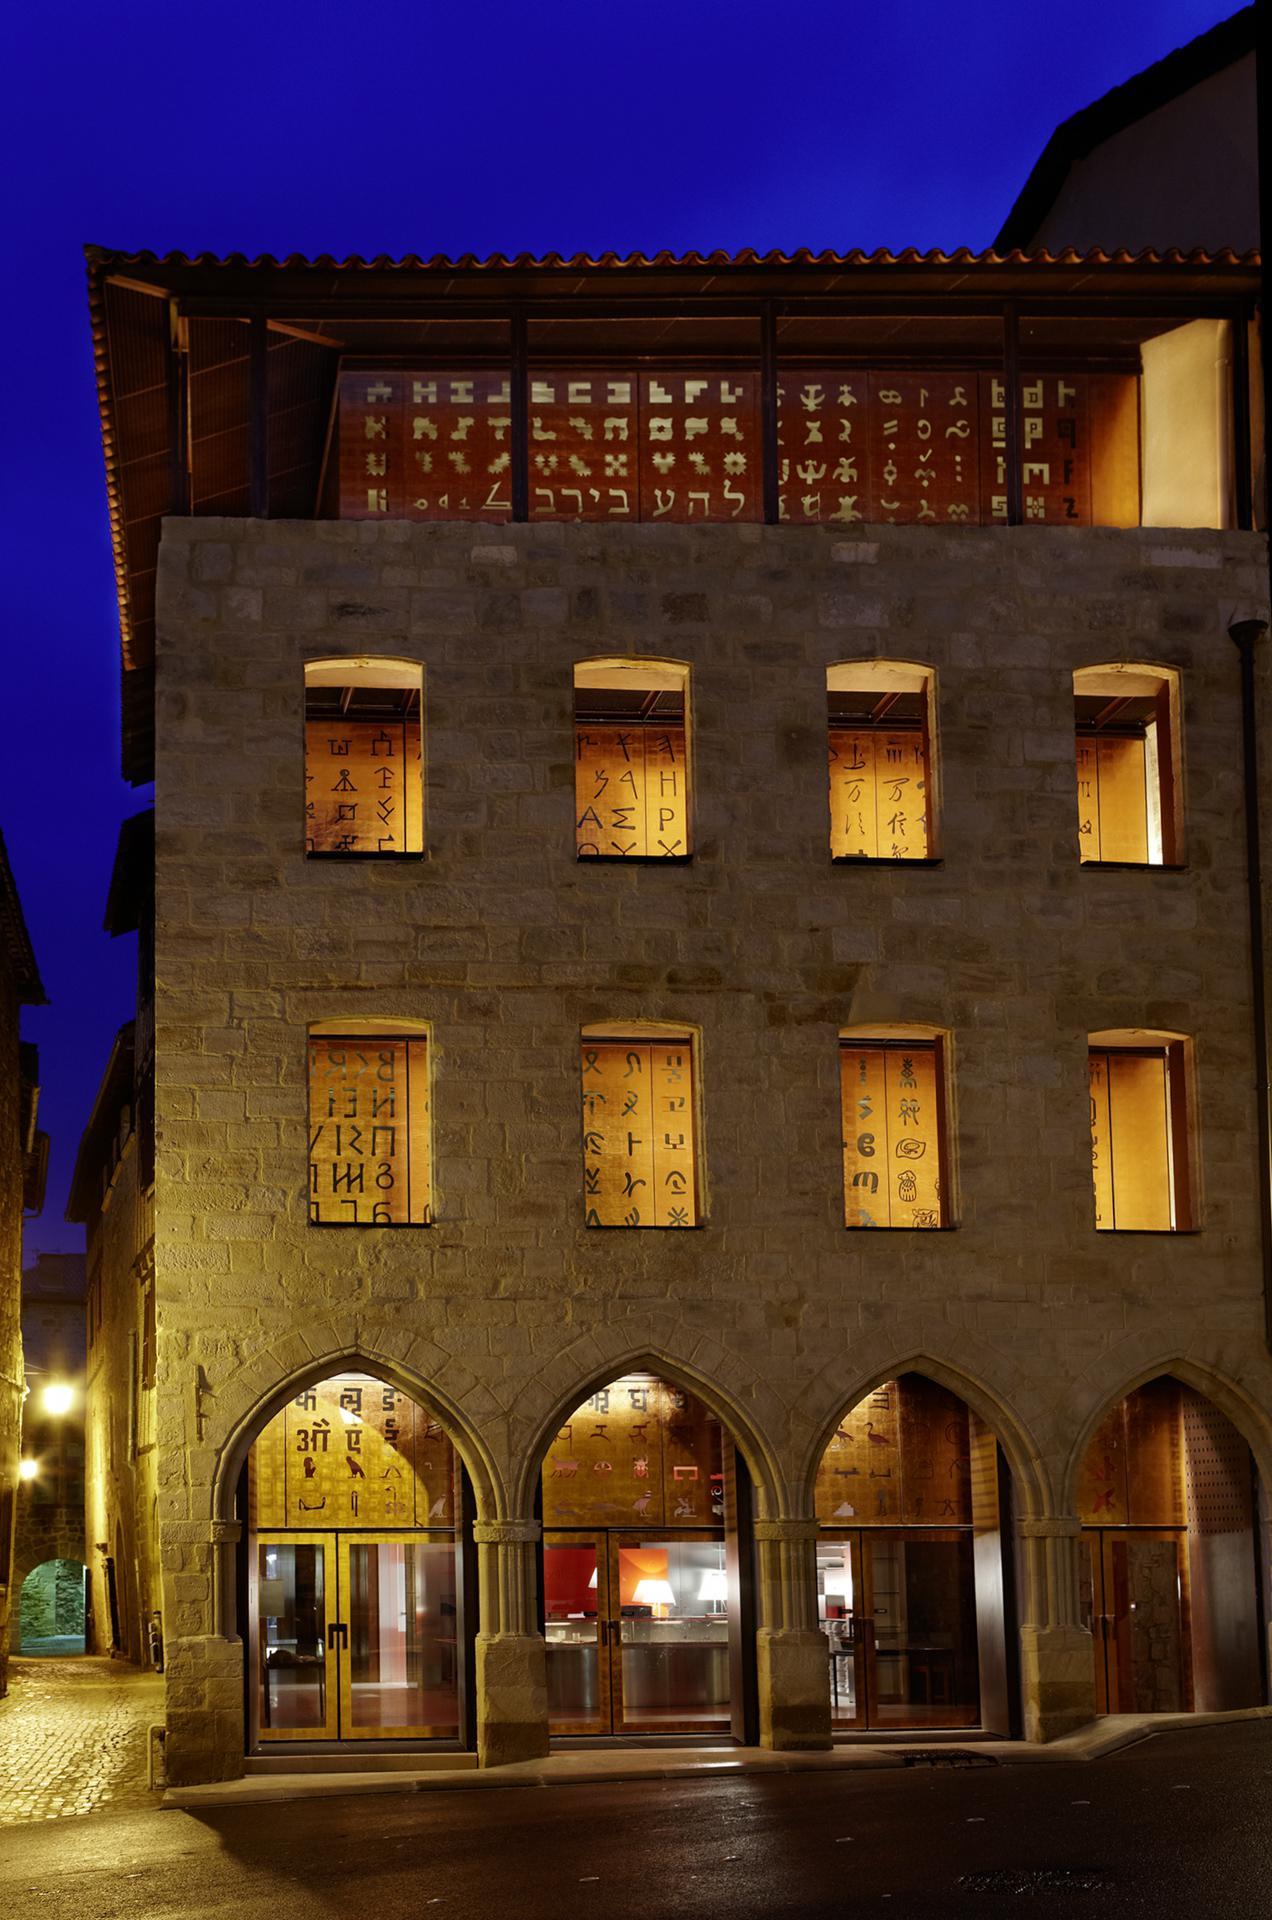 Façade de nuit Musée Champollion- les Ecritures du Monde_09 Nelly Blaya-CG46